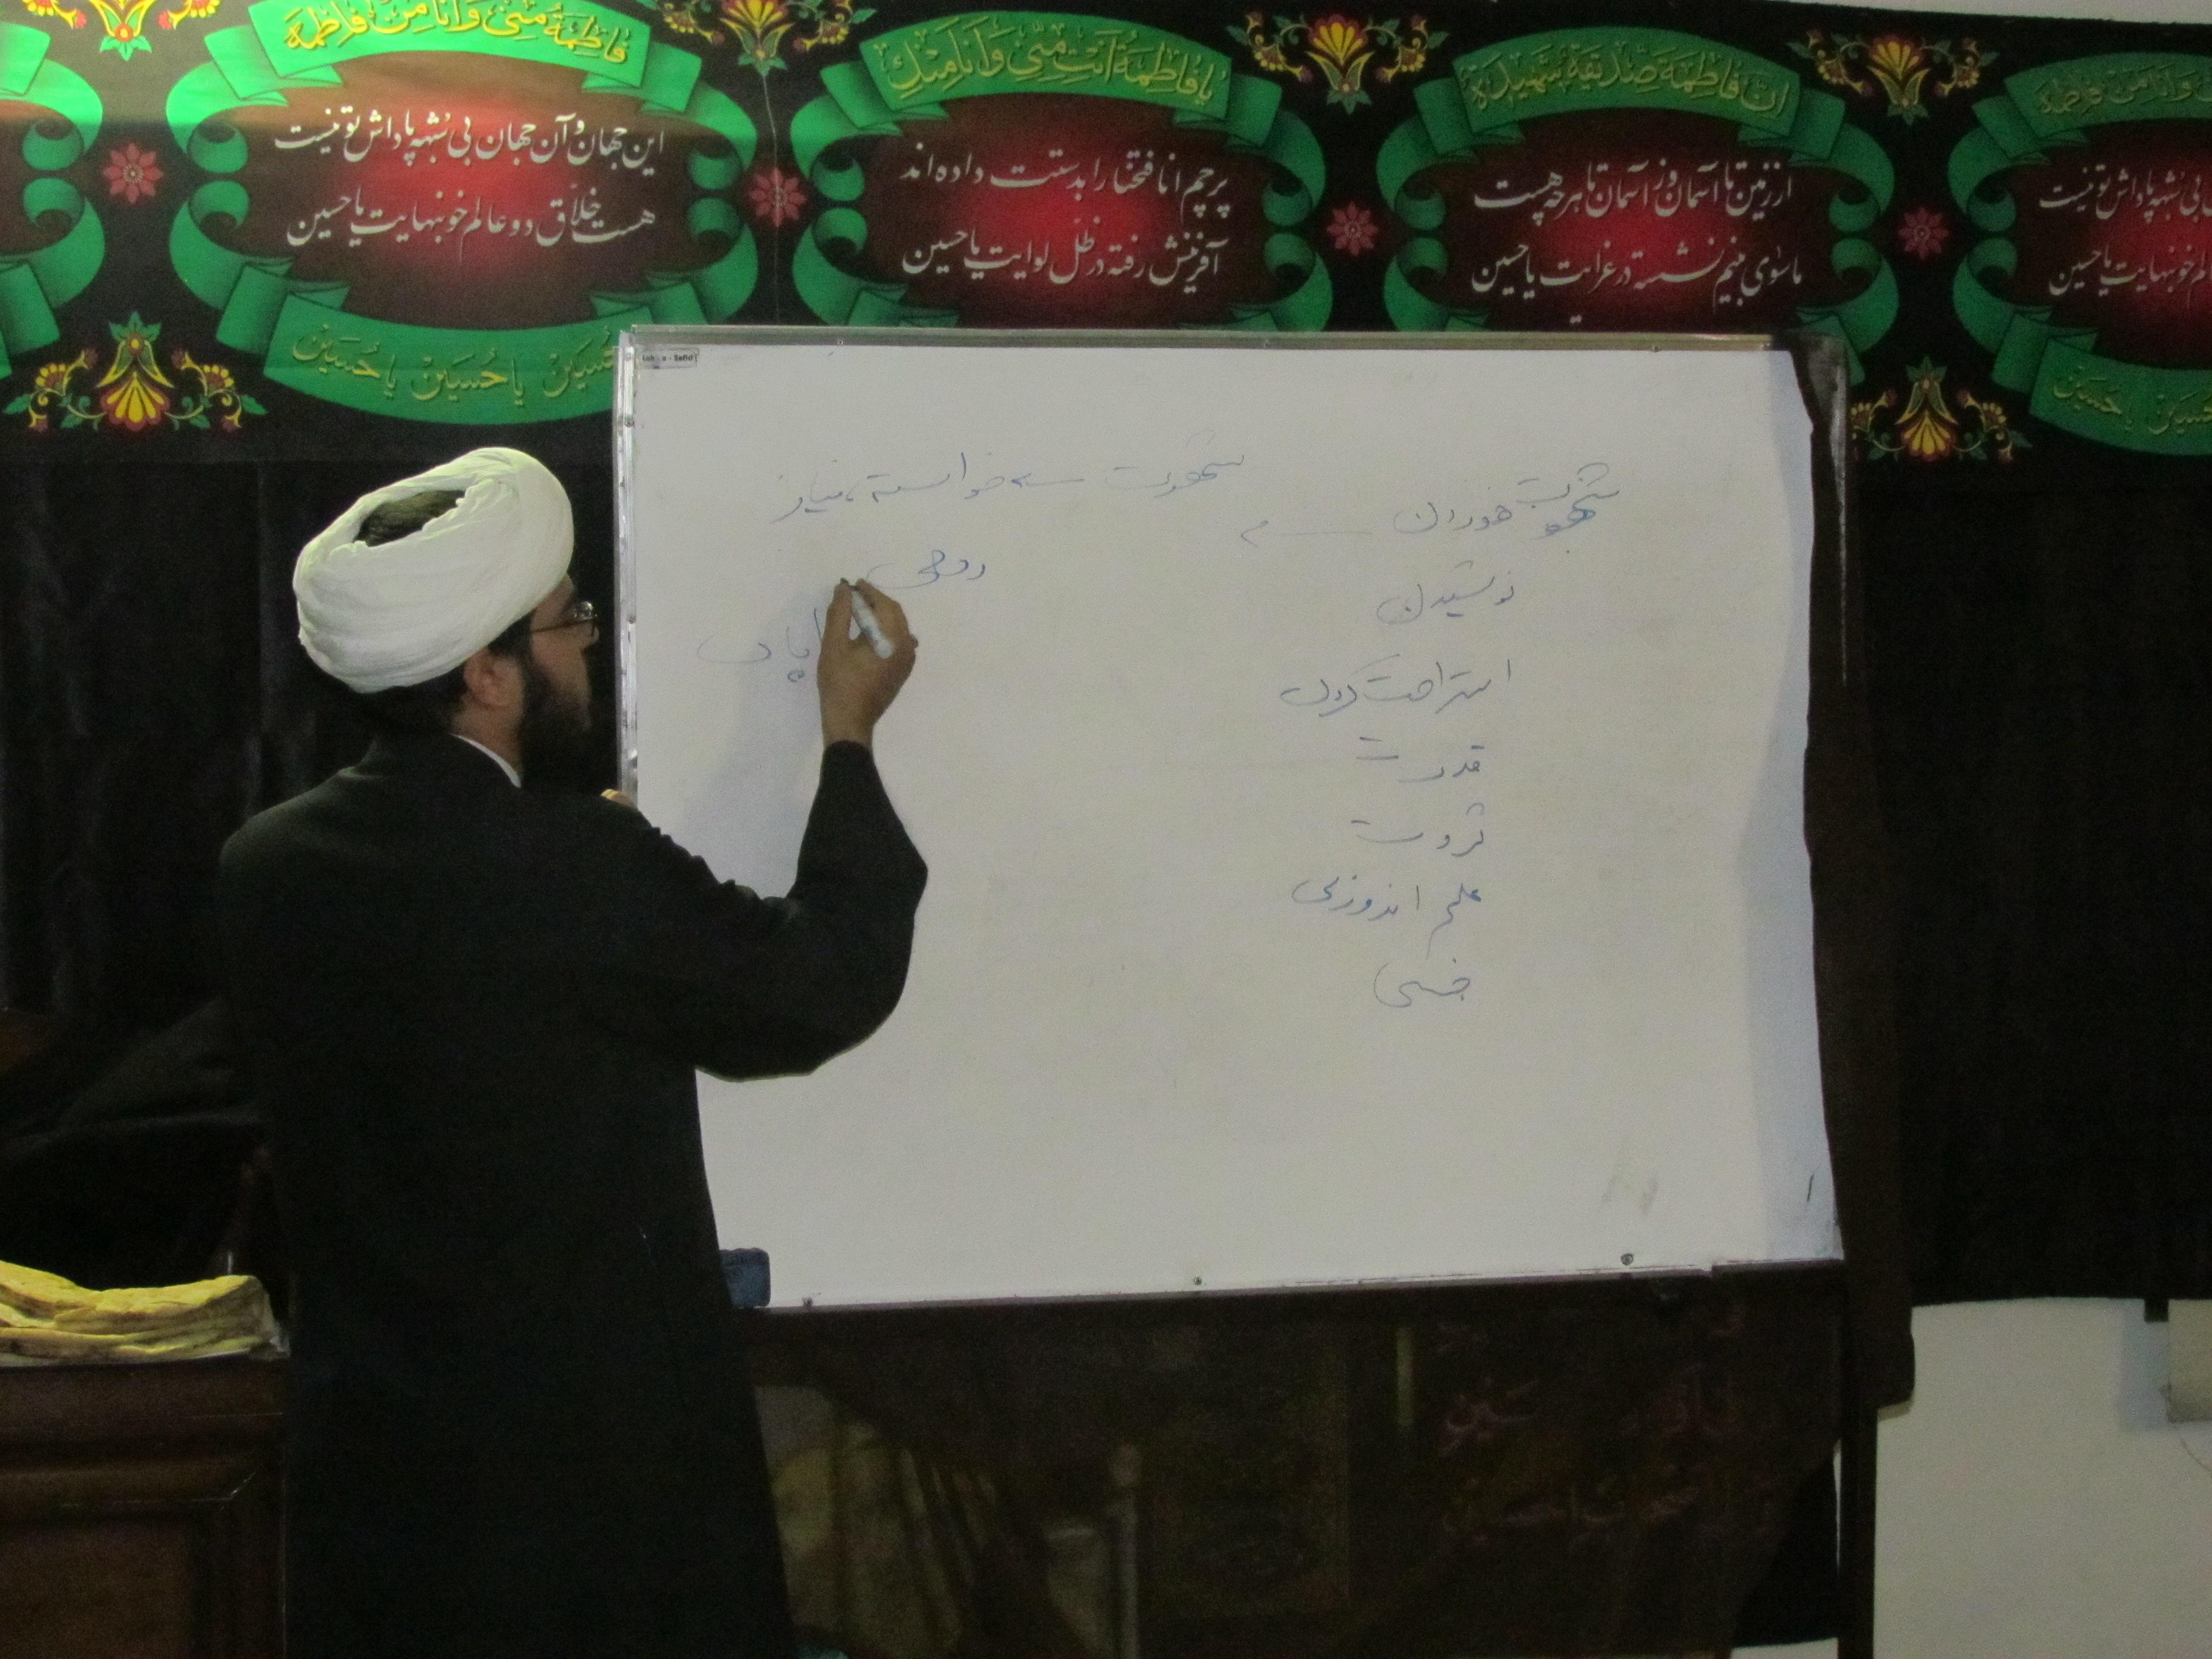 ;کلاس داری استاد صالح پرور